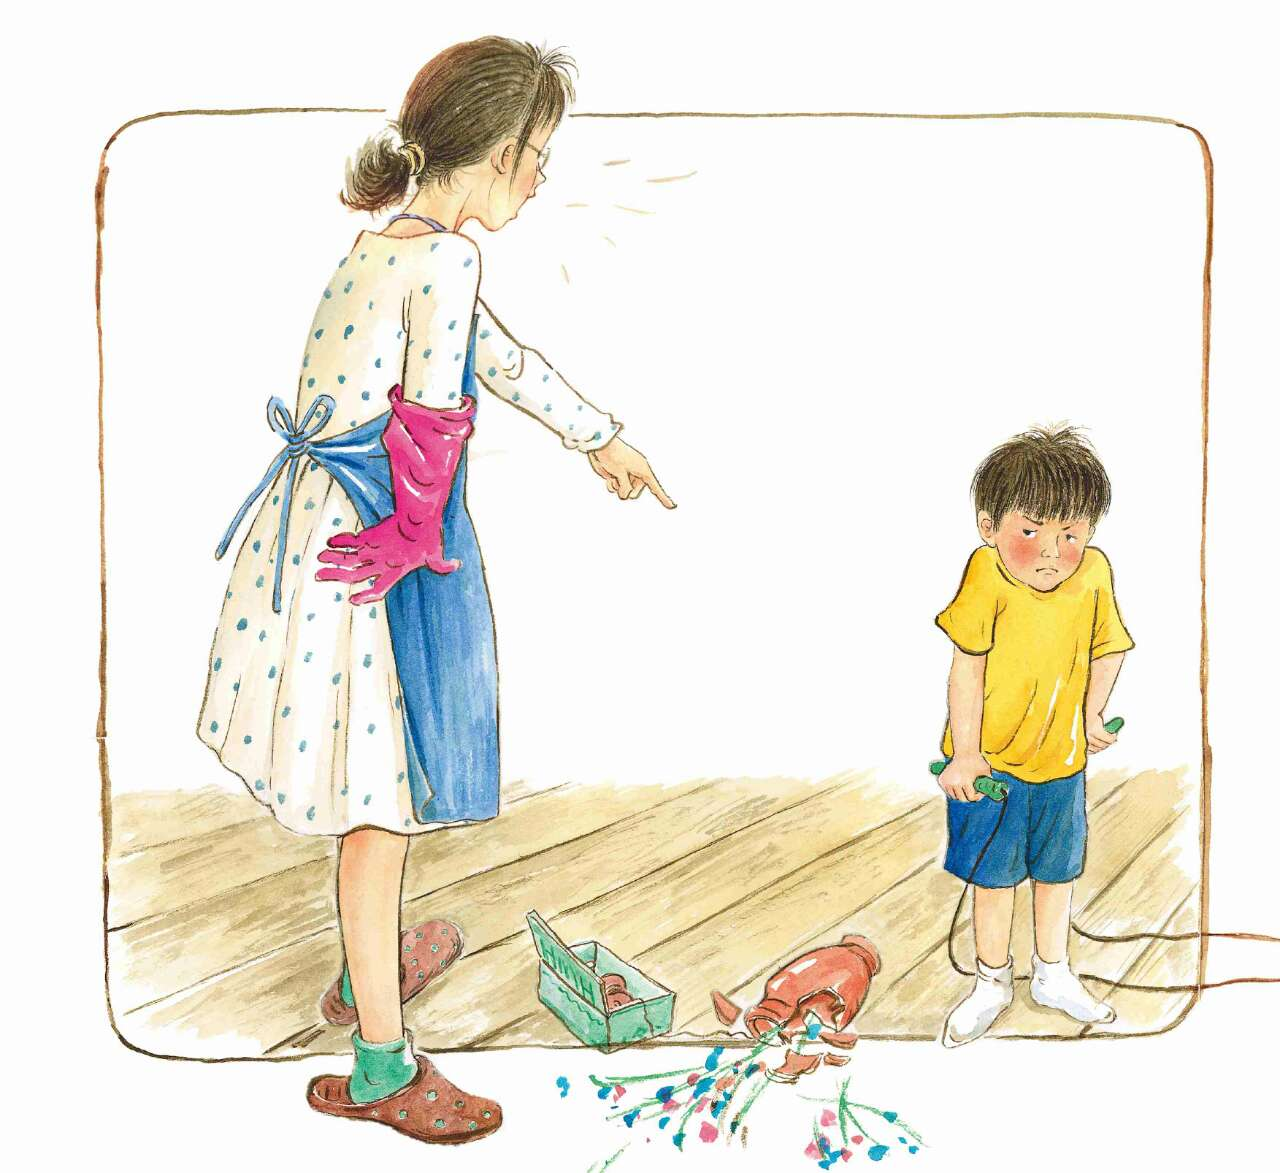 书中讲述了小男孩壳壳在自己心爱的跳棋被妈妈扔掉后,通过天马行空的